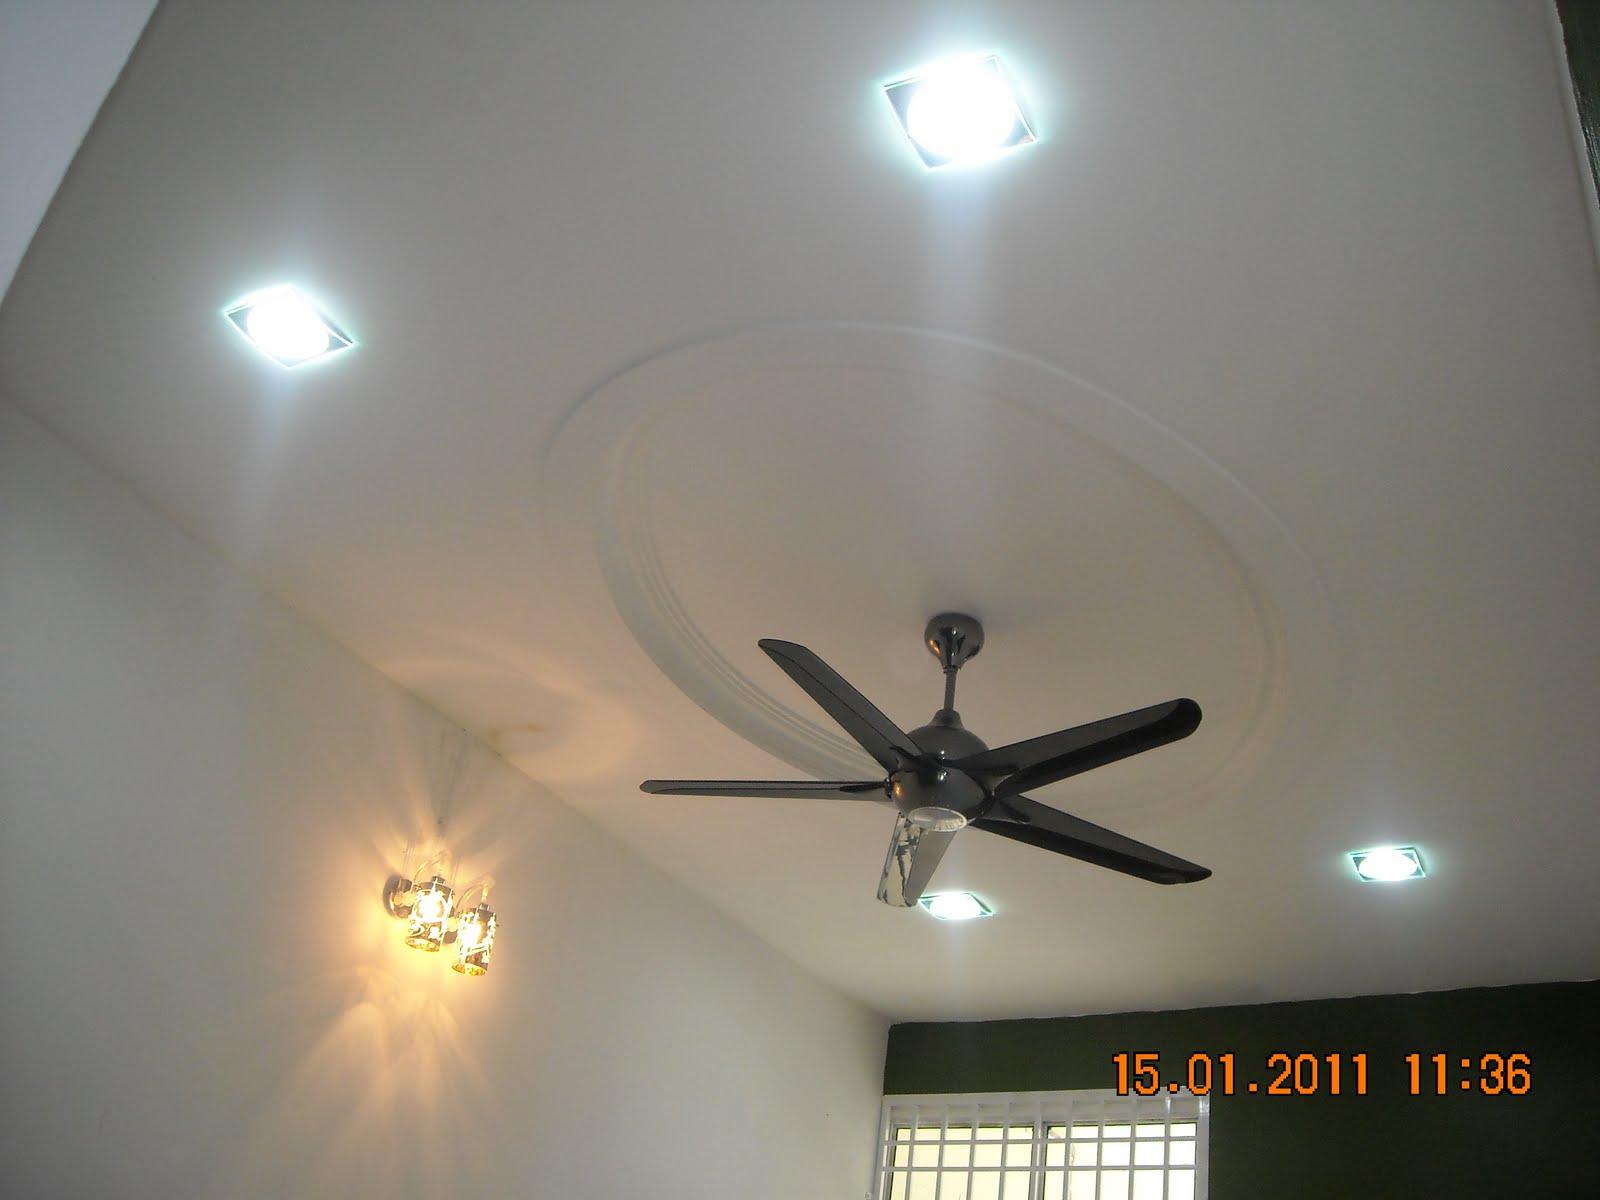 ruang santaiku deko rumah pasang lampu dan kipas rh macosantana blogspot com Hias Lampu Kamar Lampu Kamar